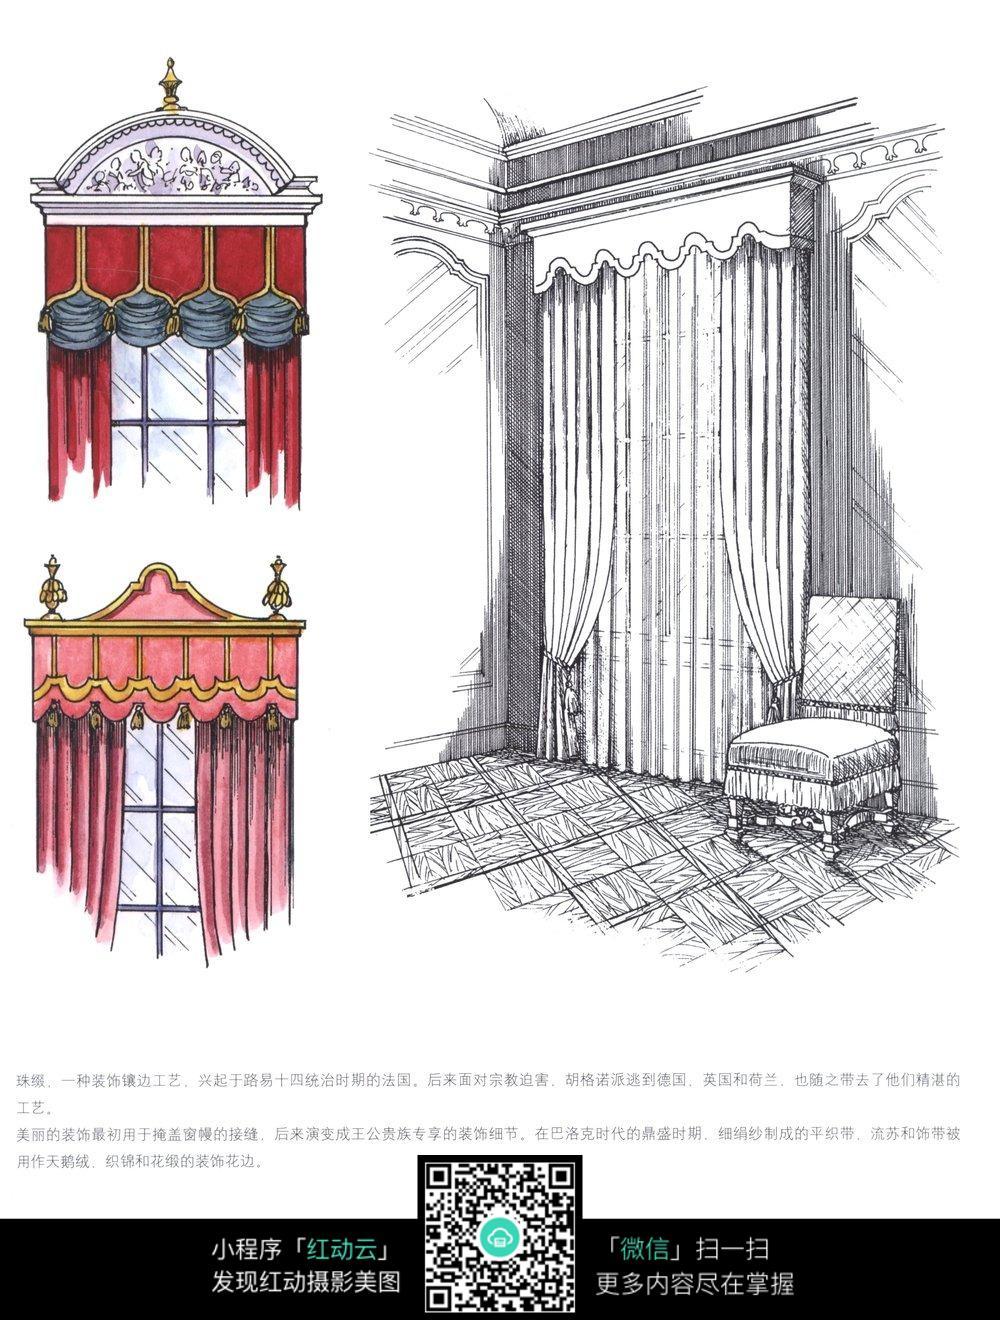 窗帘设计手稿_家具电器图片图片